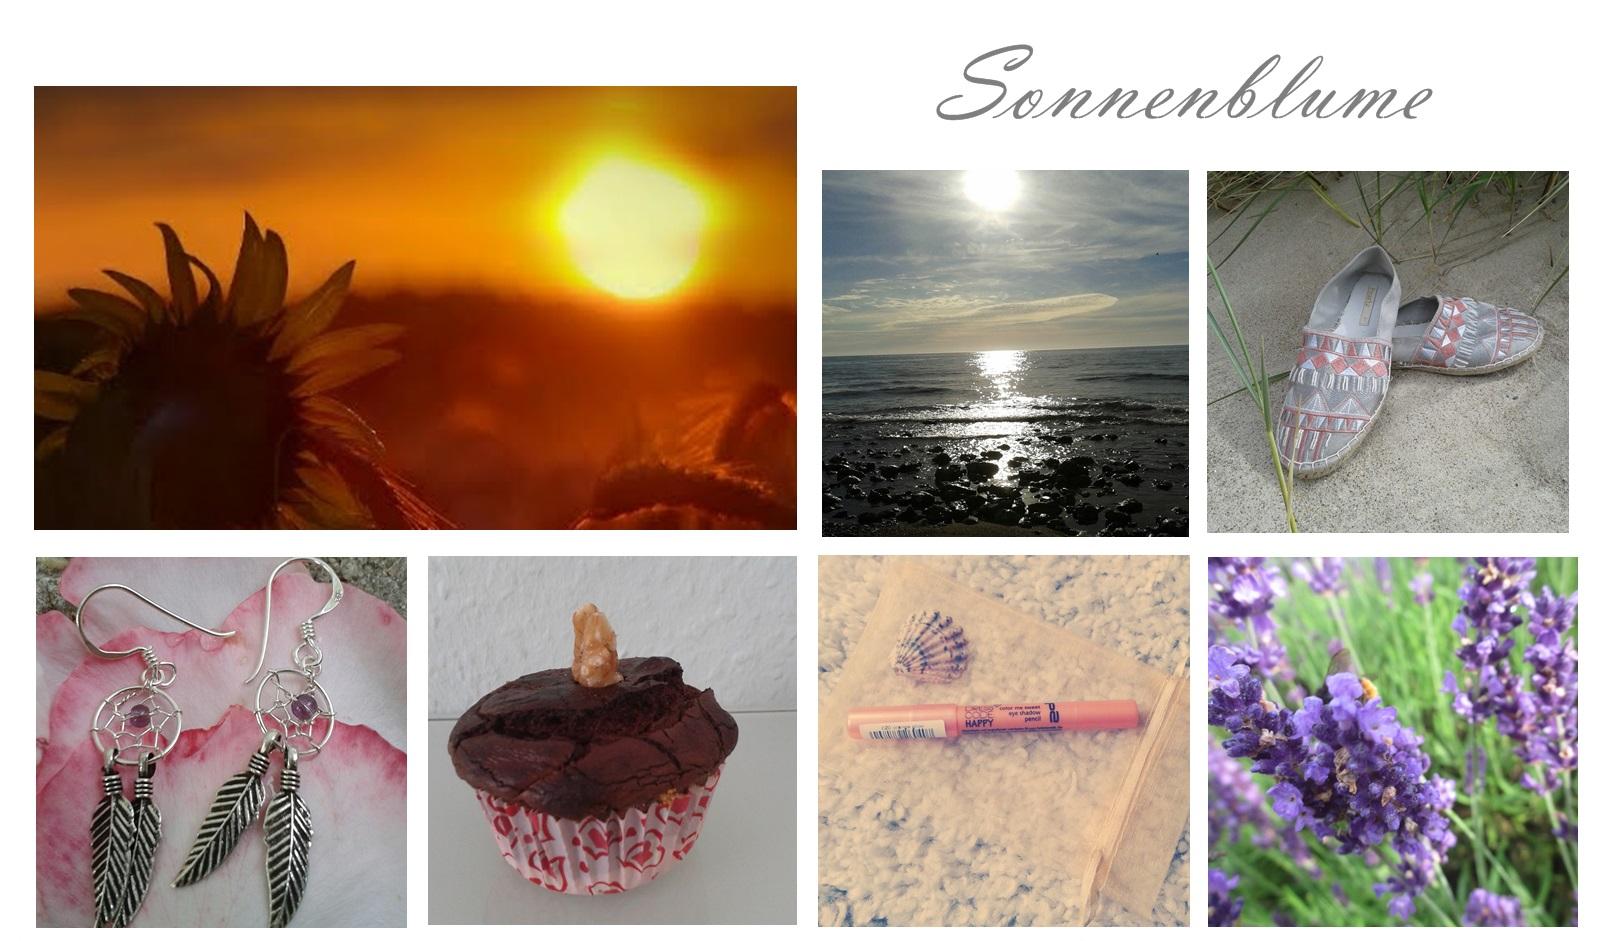 http://sonnenblume02.blogspot.de/